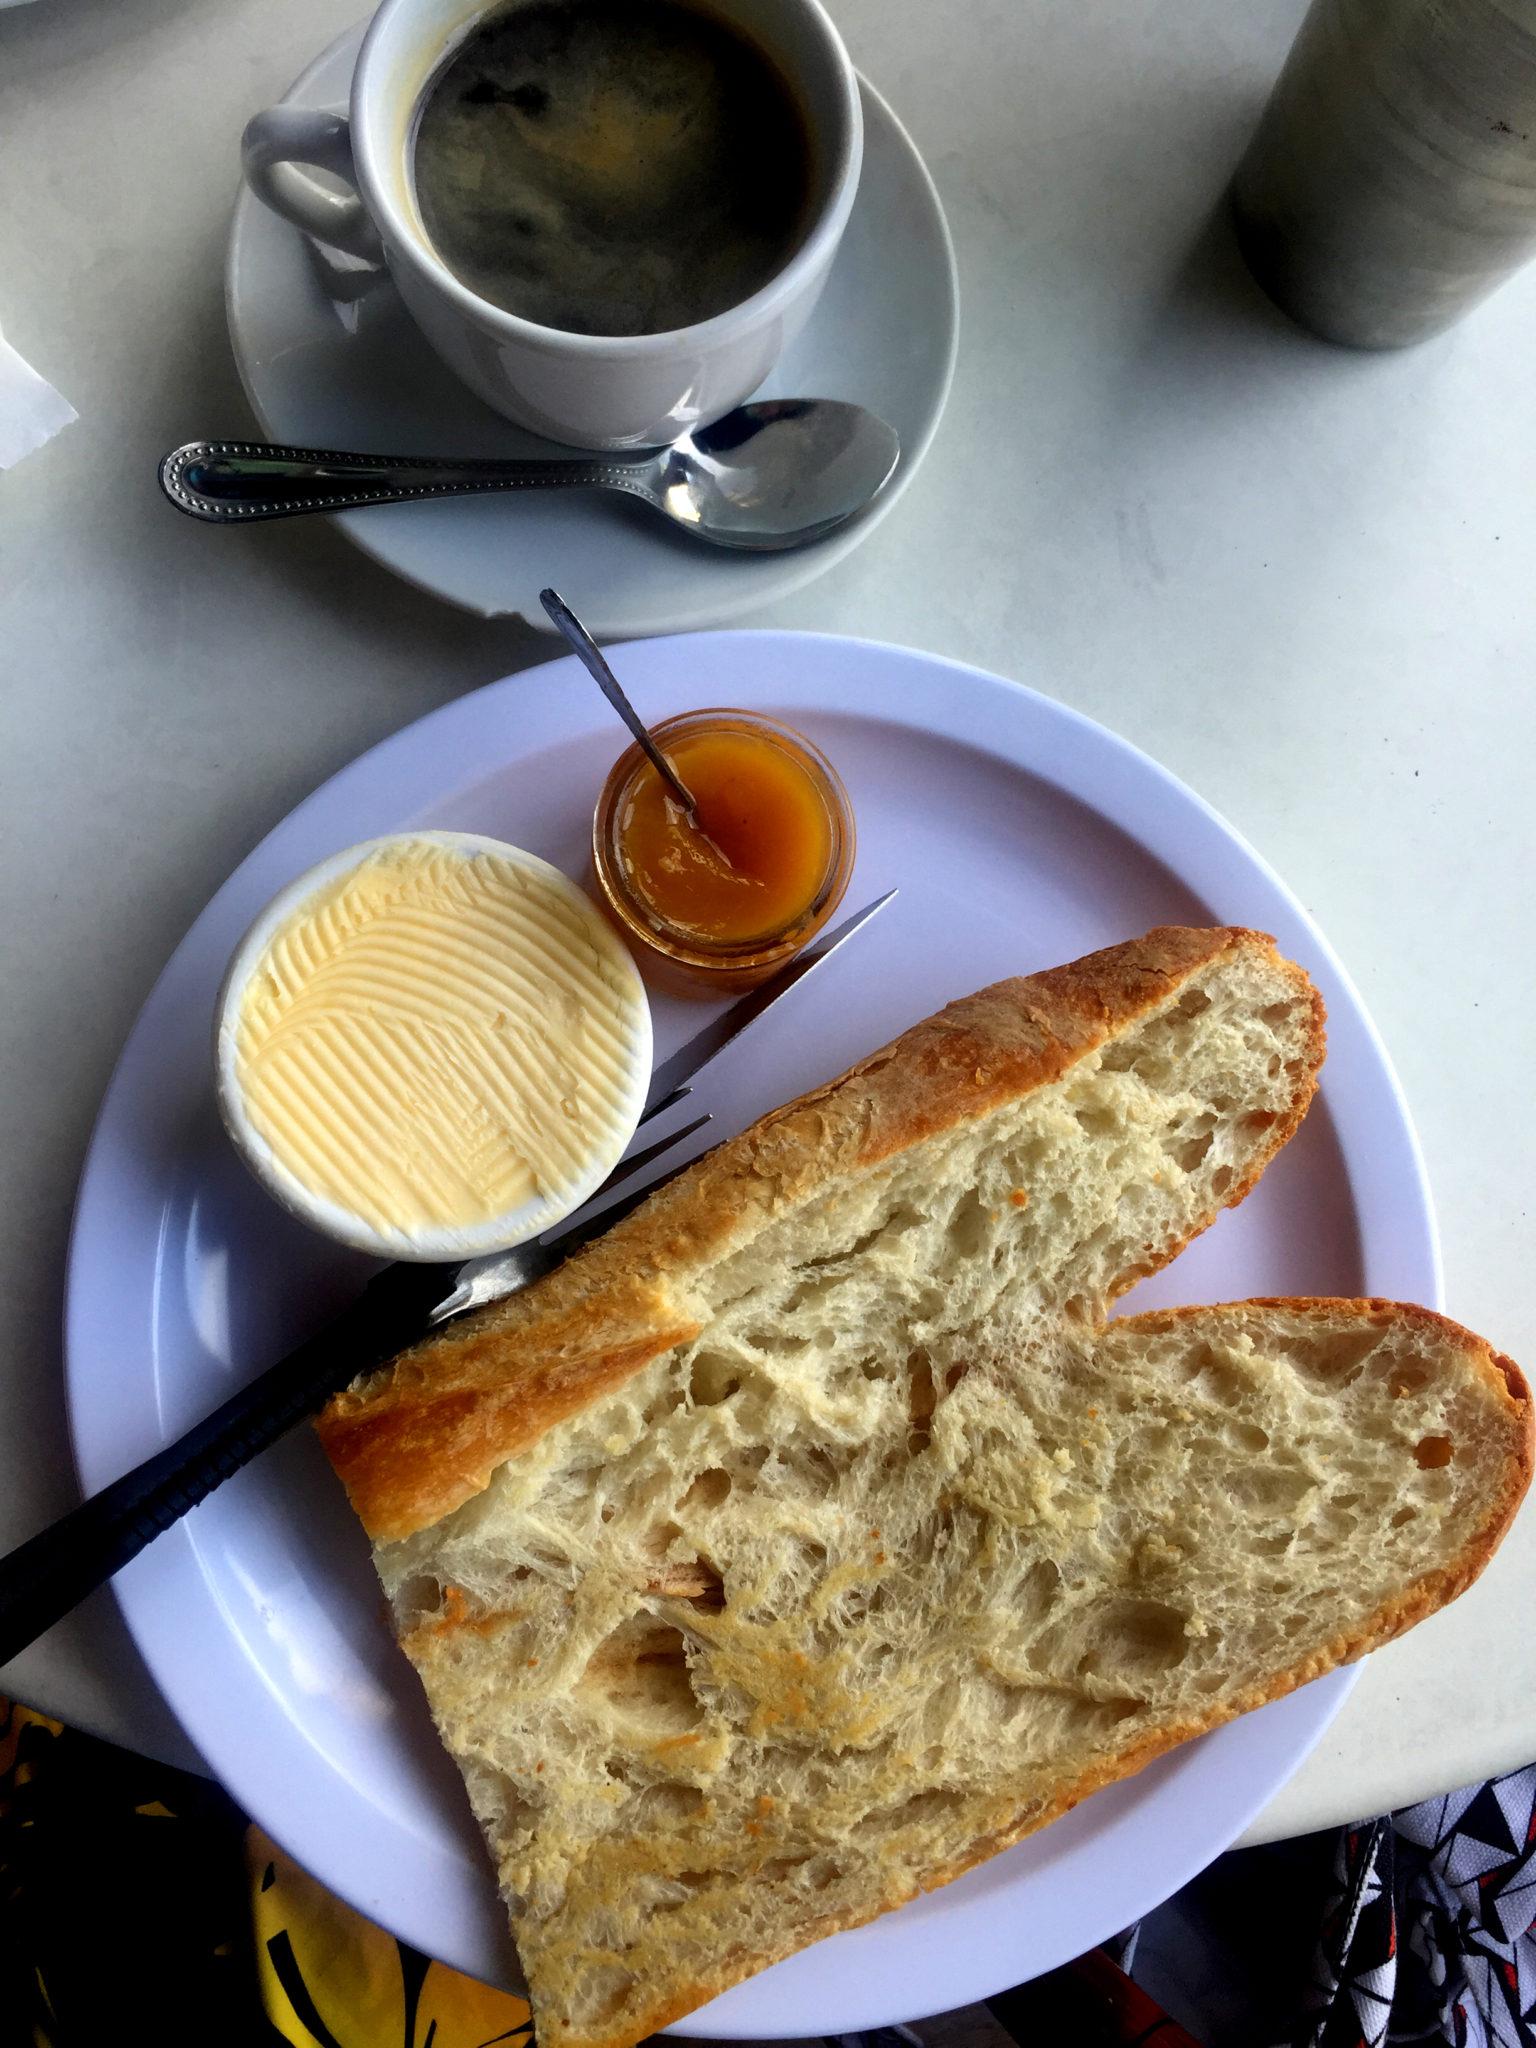 Republique_dominicaine_mes_bonnes_adresses_las_terrenas_restaurant_boulangerie_francaise_baguette_petit_dejeuner